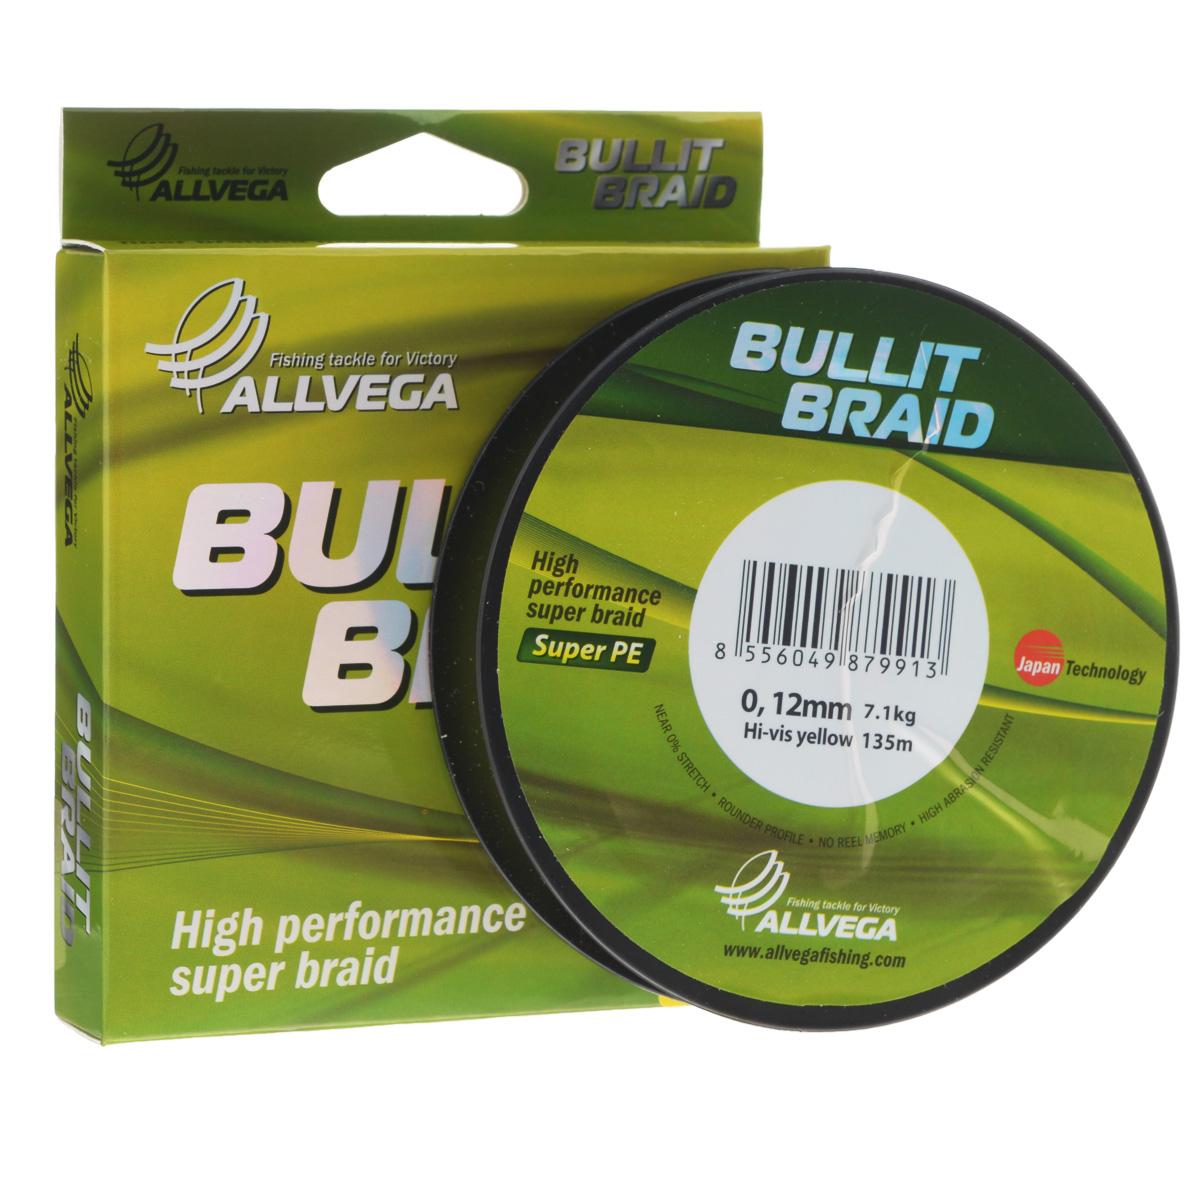 Леска плетеная Allvega Bullit Braid, цвет: ярко-желтый, 135 м, 0,12 мм, 7,1 кг21450Леска Allvega Bullit Braid с гладкой поверхностью и одинаковым сечением по всей длине обладает высокой износостойкостью. Благодаря микроволокнам полиэтилена (Super PE) леска имеет очень плотное плетение и не впитывает воду. Леску Allvega Bullit Braid можно применять в любых типах водоемов. Особенности: повышенная износостойкость; высокая чувствительность - коэффициент растяжения близок к нулю; отсутствует память; идеально гладкая поверхность позволяет увеличить дальность забросов; высокая прочность шнура на узлах.